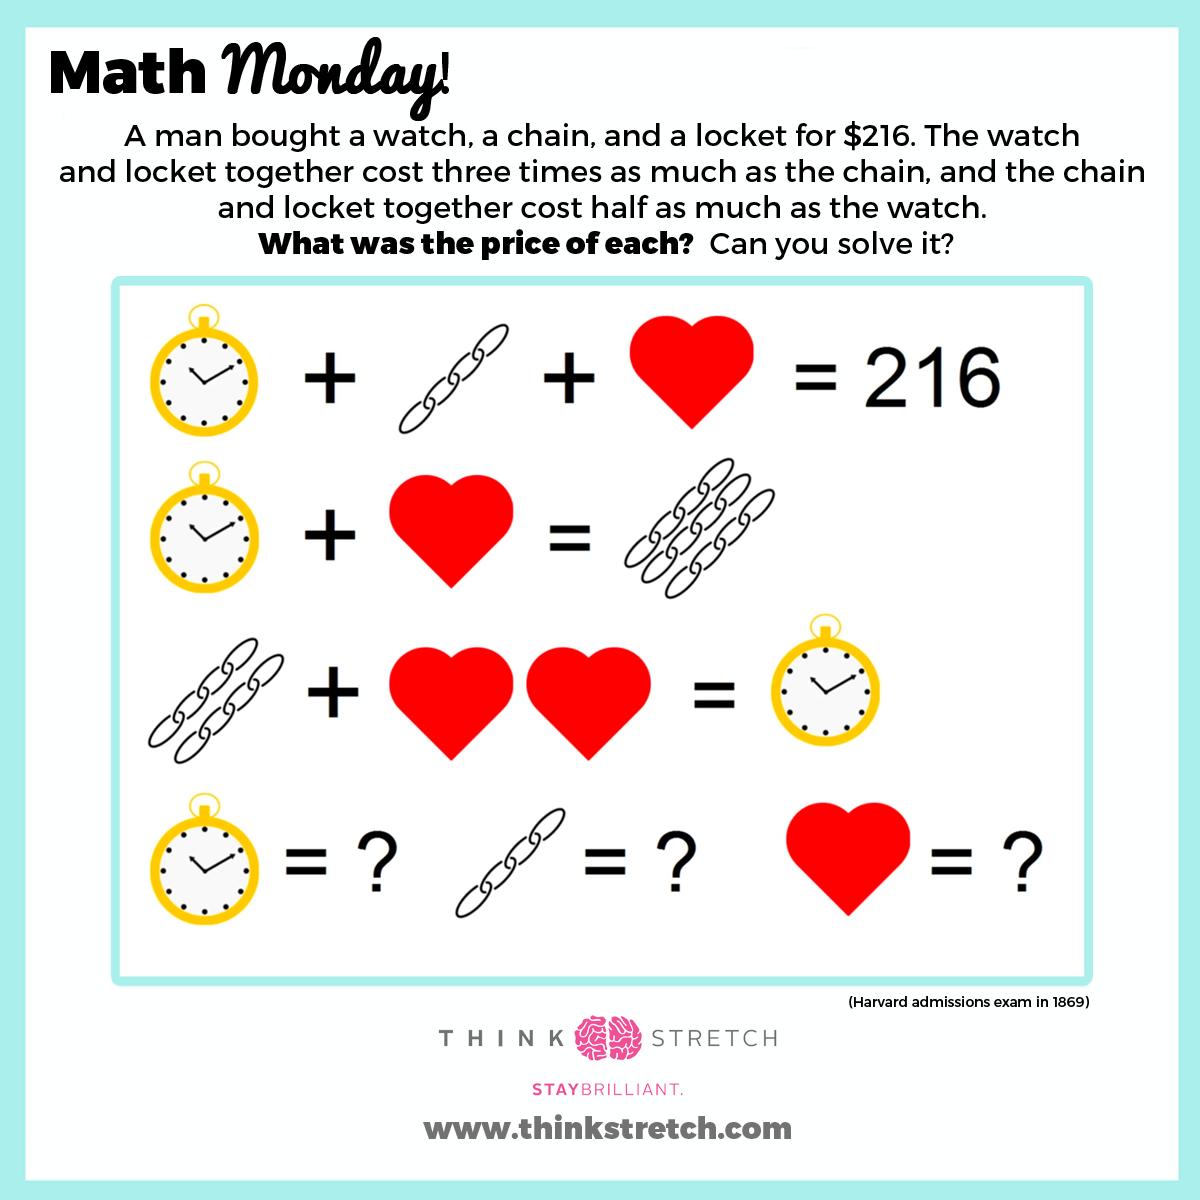 Epingle Par Thinkstretch Sur Math Monday Puzzles Amp Games